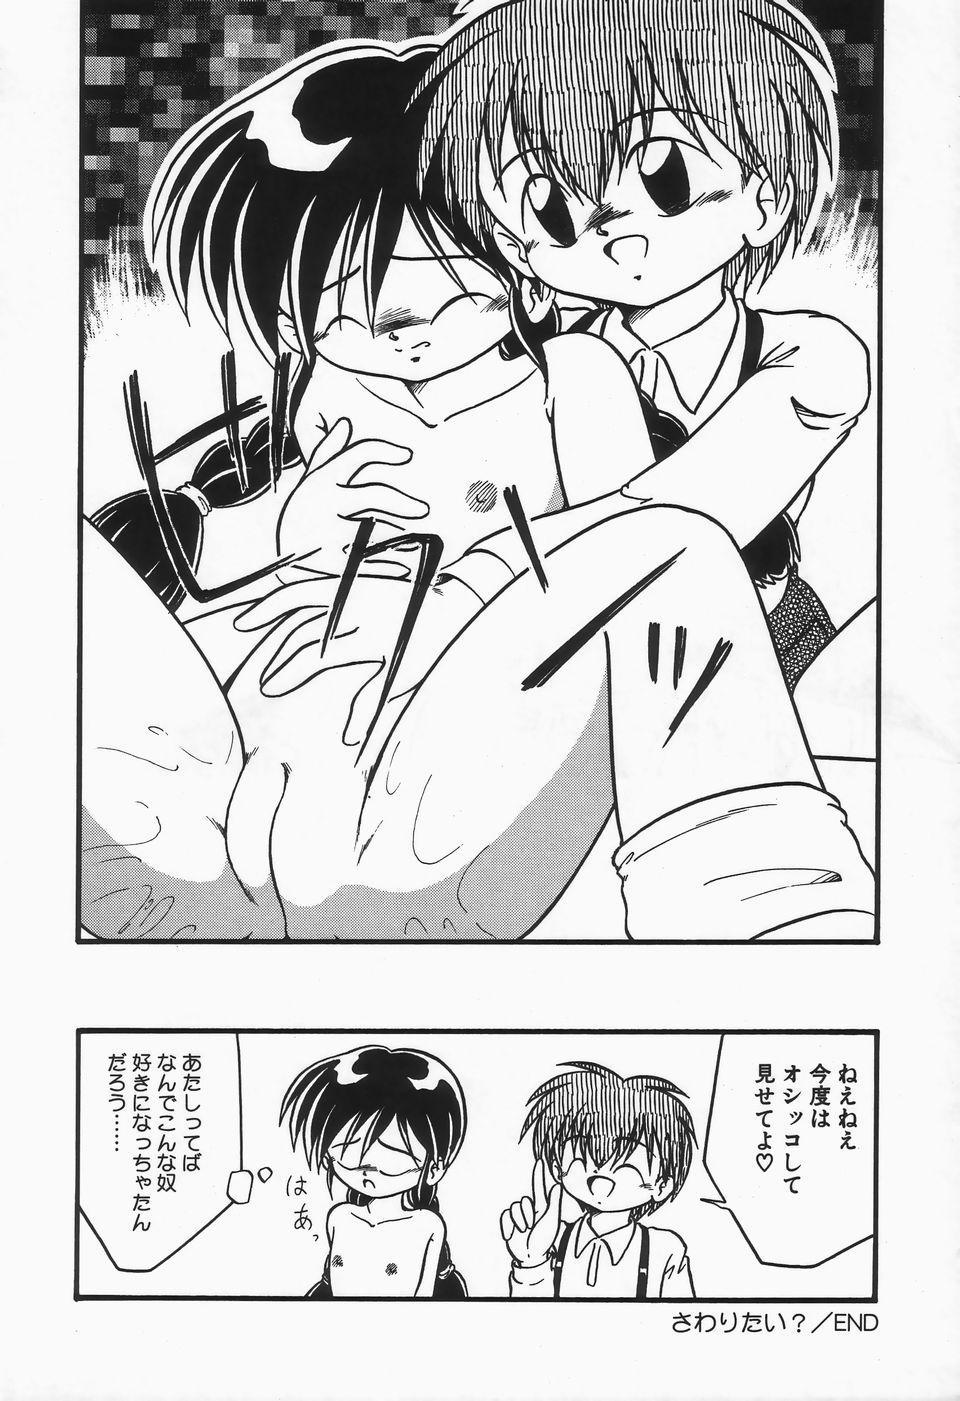 Mizu no Iro Kaze no Iro 149